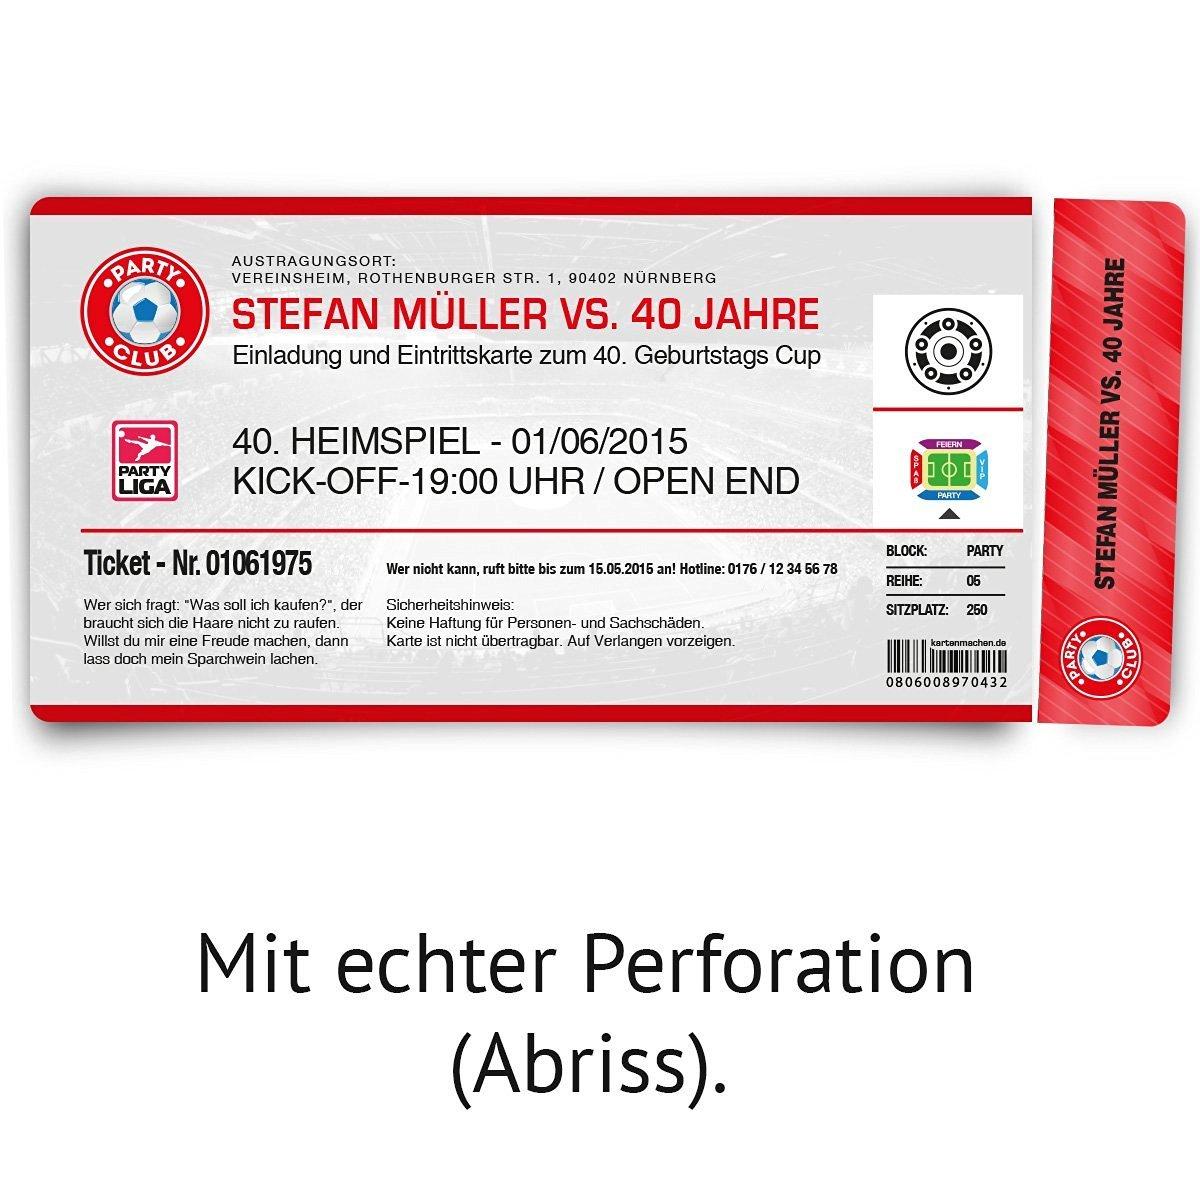 Einladungskarten zum Geburtstag (60 Stück) als Fussballticket Einladung in Rot Rot Rot B00NIPQH0Q   Guter weltweiter Ruf    Fierce Kaufen    Zuverlässige Leistung  910ef7